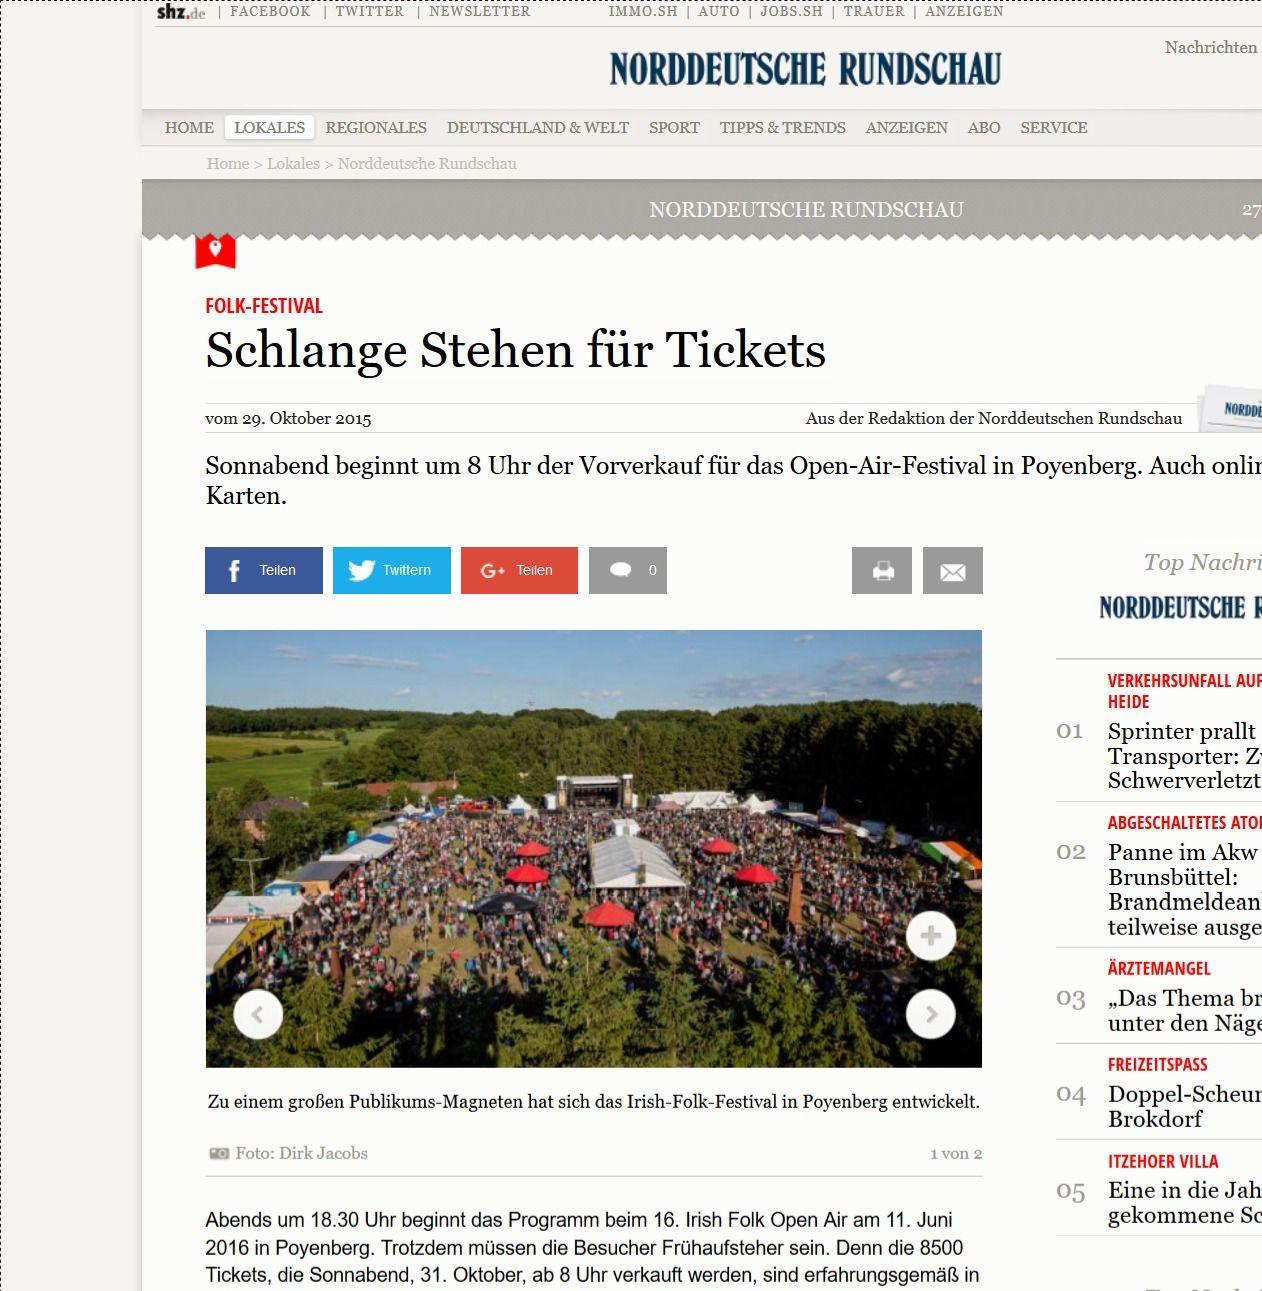 Folk Festival Schlange Stehen für Tickets shz.de(2)